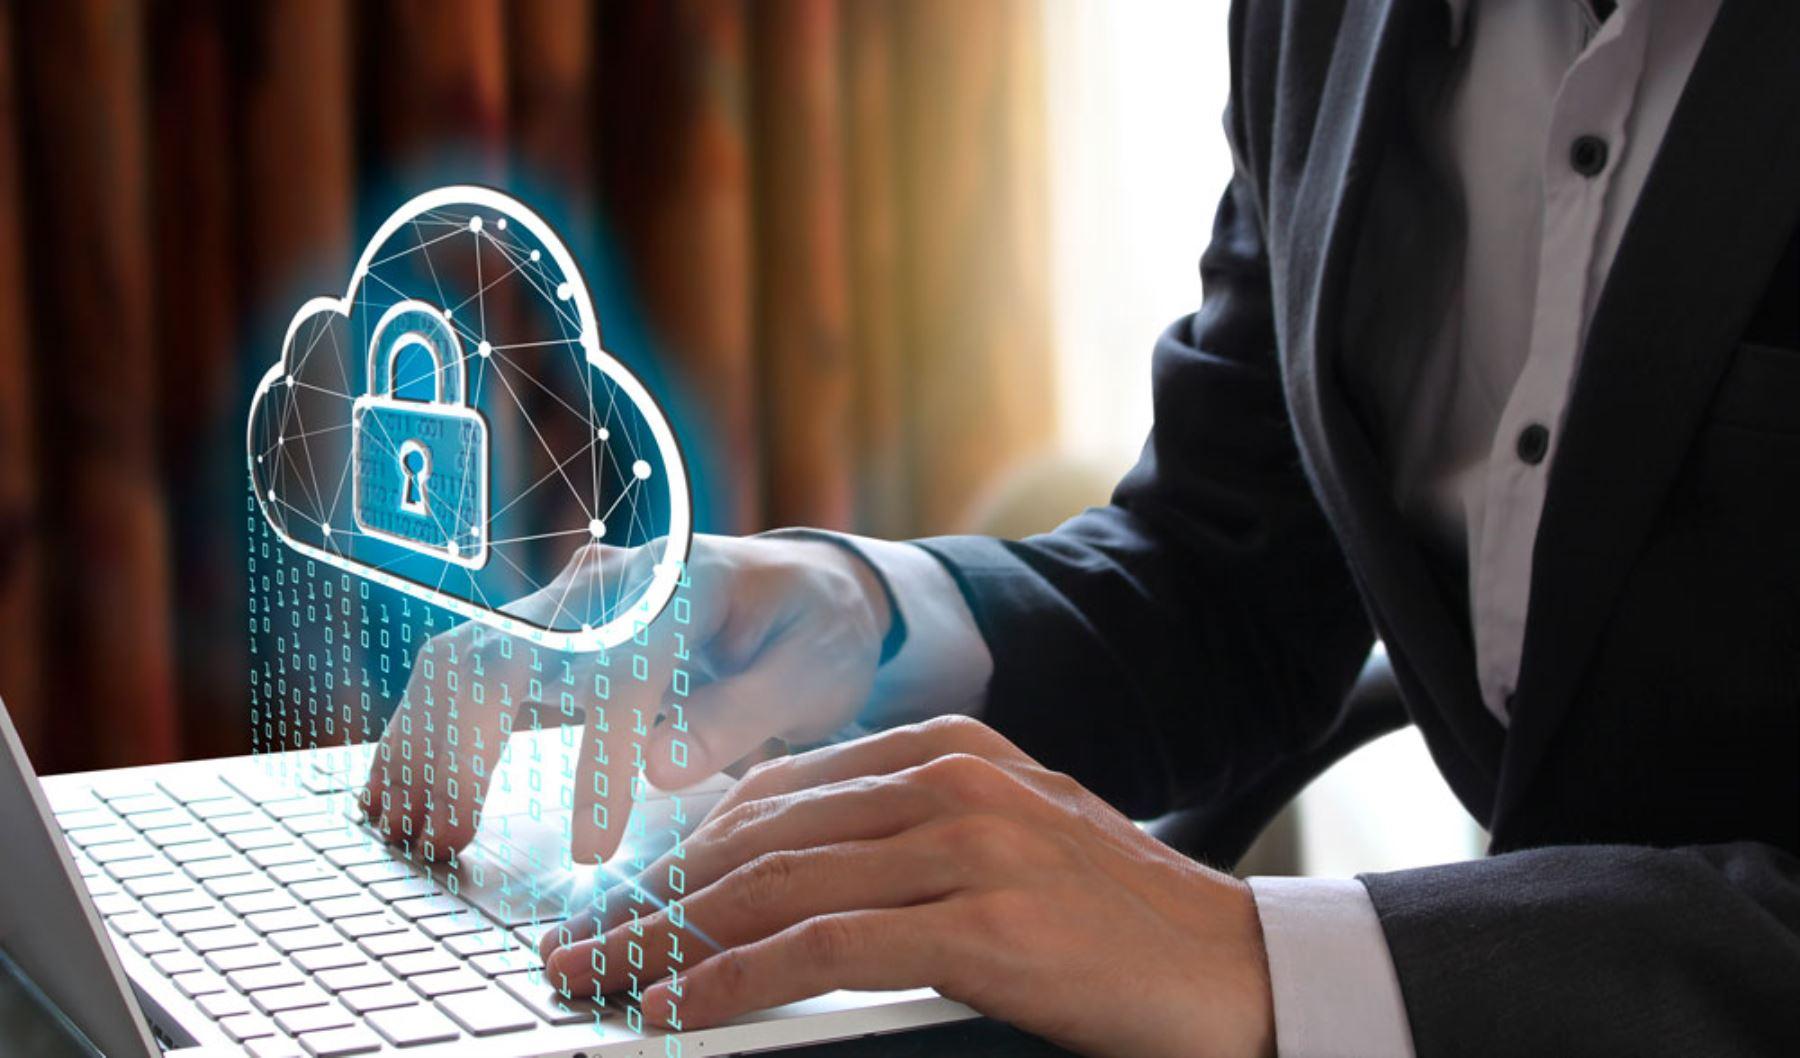 Kaspersky revela que ha bloqueado más de 20,5 millones de ataques contra usuarios caseros en lo que va del año, mientras que los ataques contra corporaciones superan los 37,2 millones